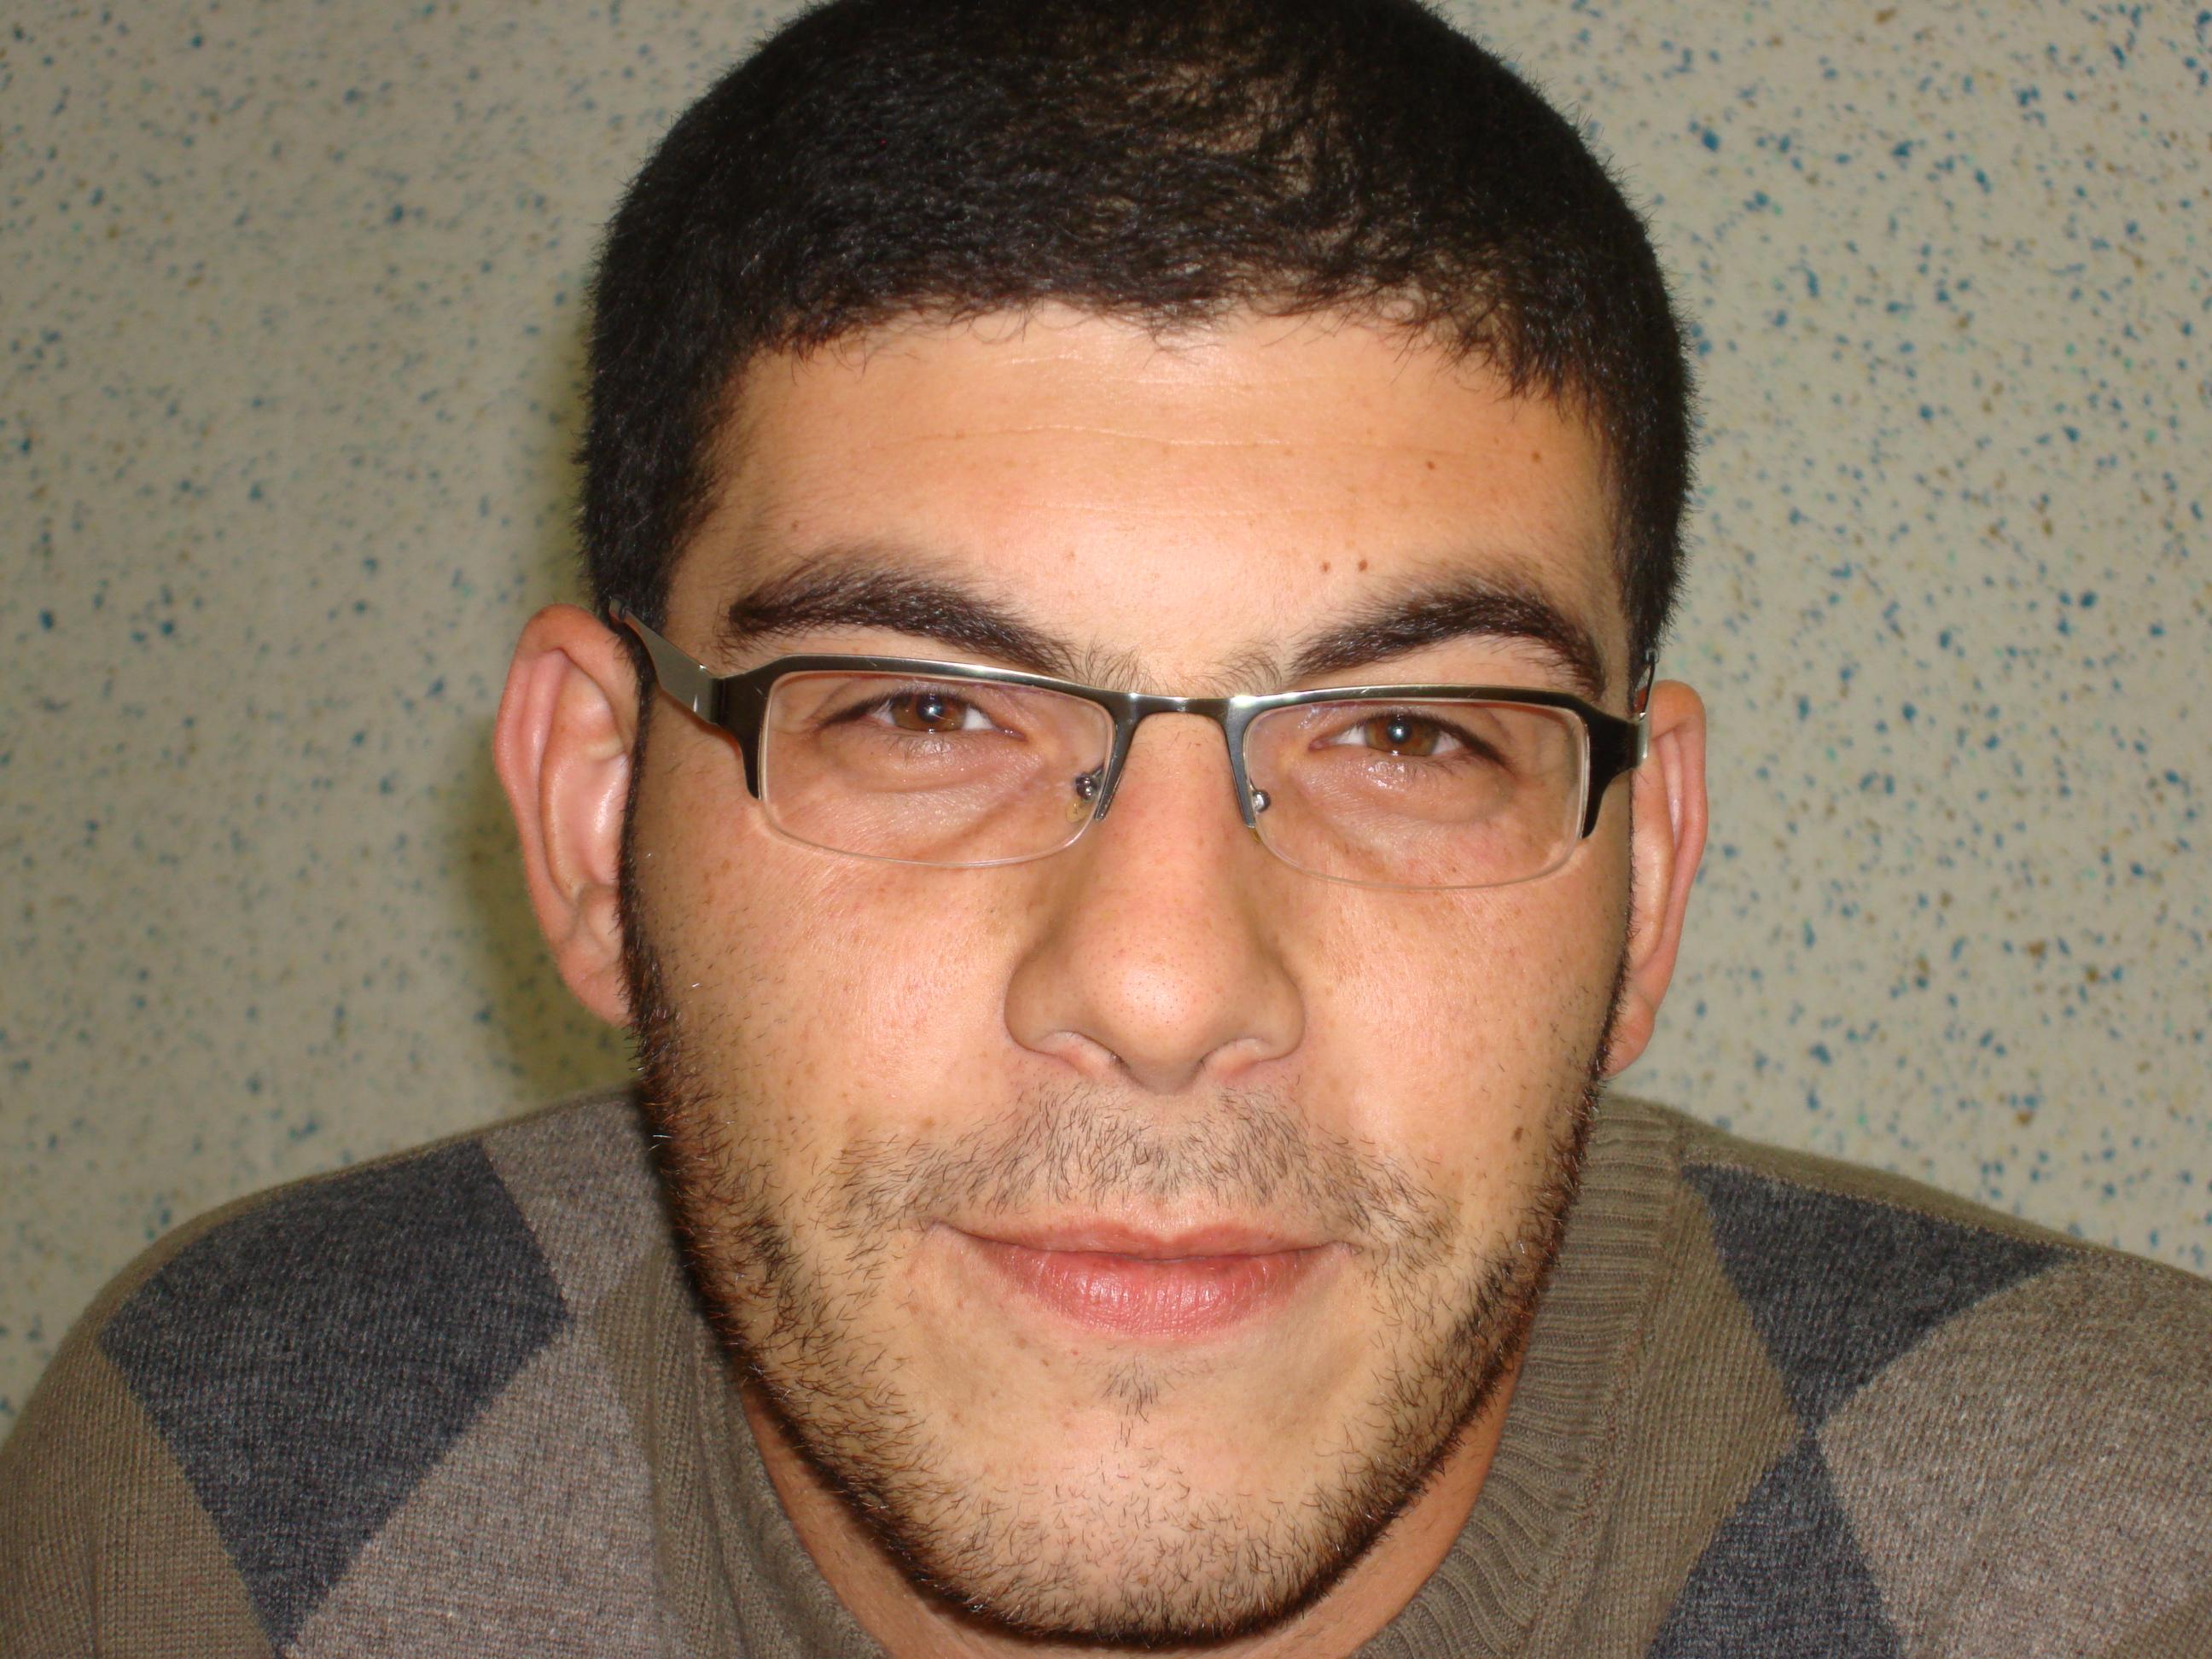 Mabrouk, Jawad